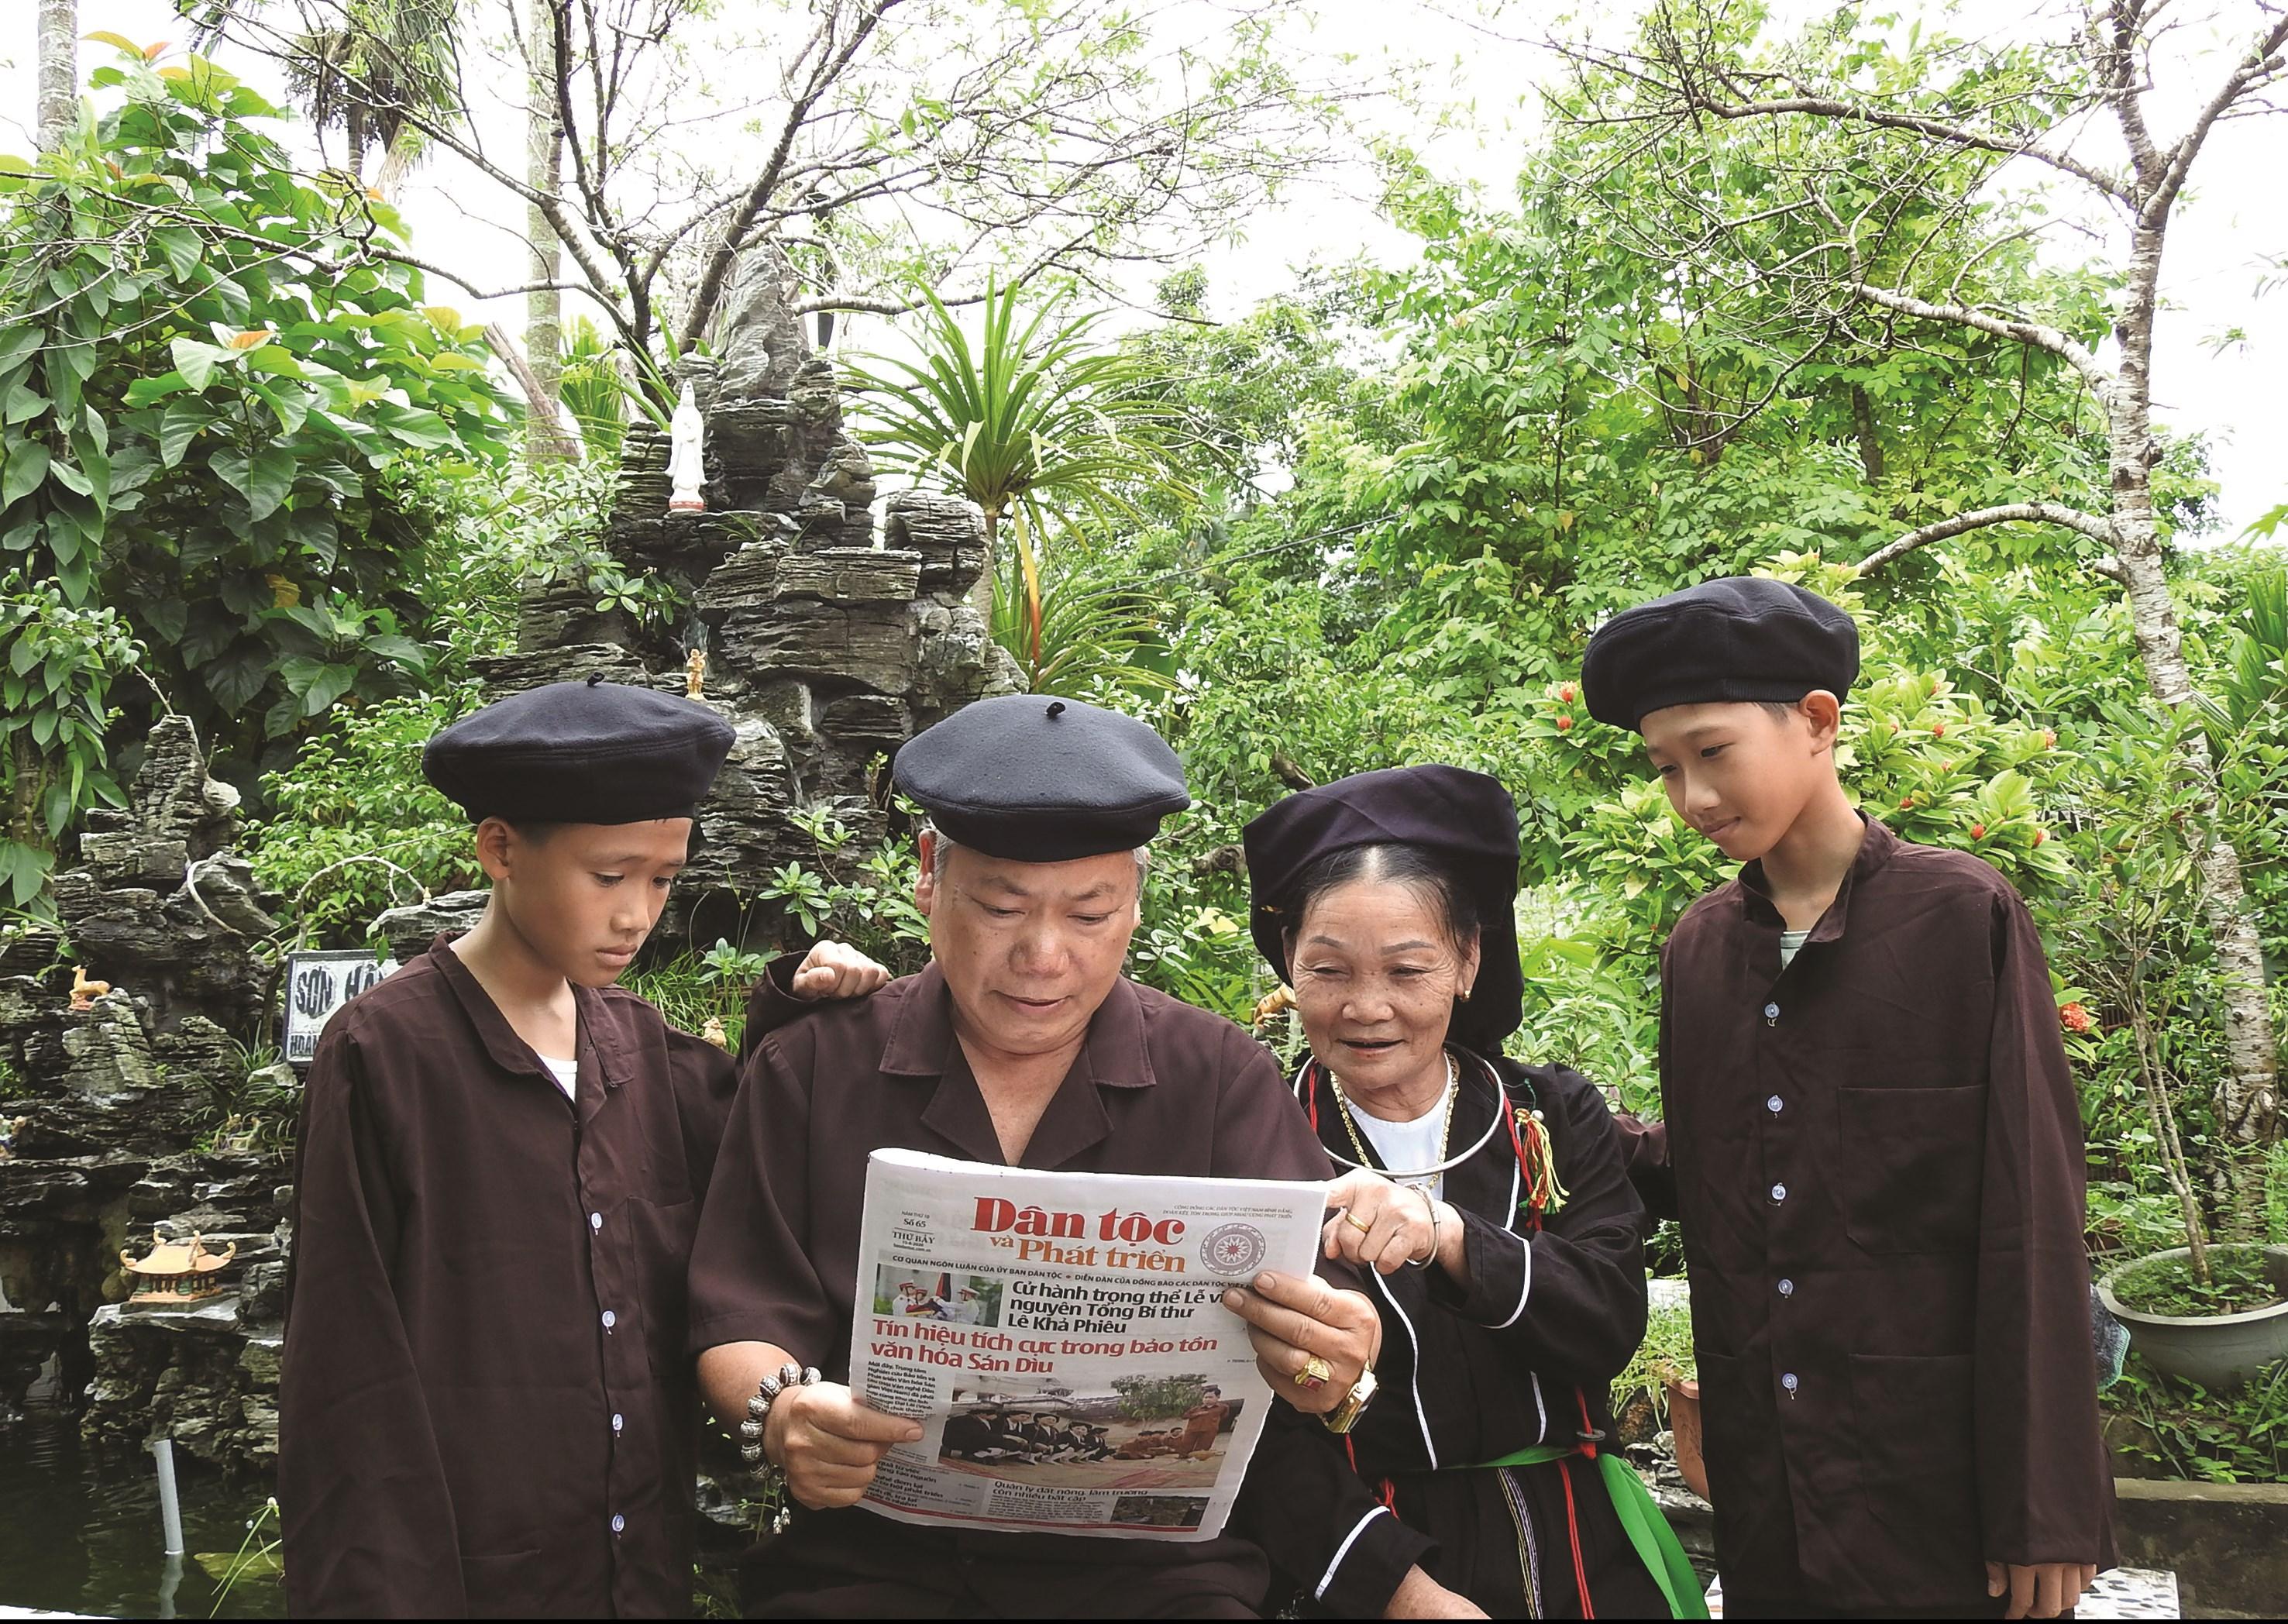 Ông Lục Văn Bảy chia sẻ thông tin trên Báo Dân tộc và Phát triển với các thành viên trong gia đình